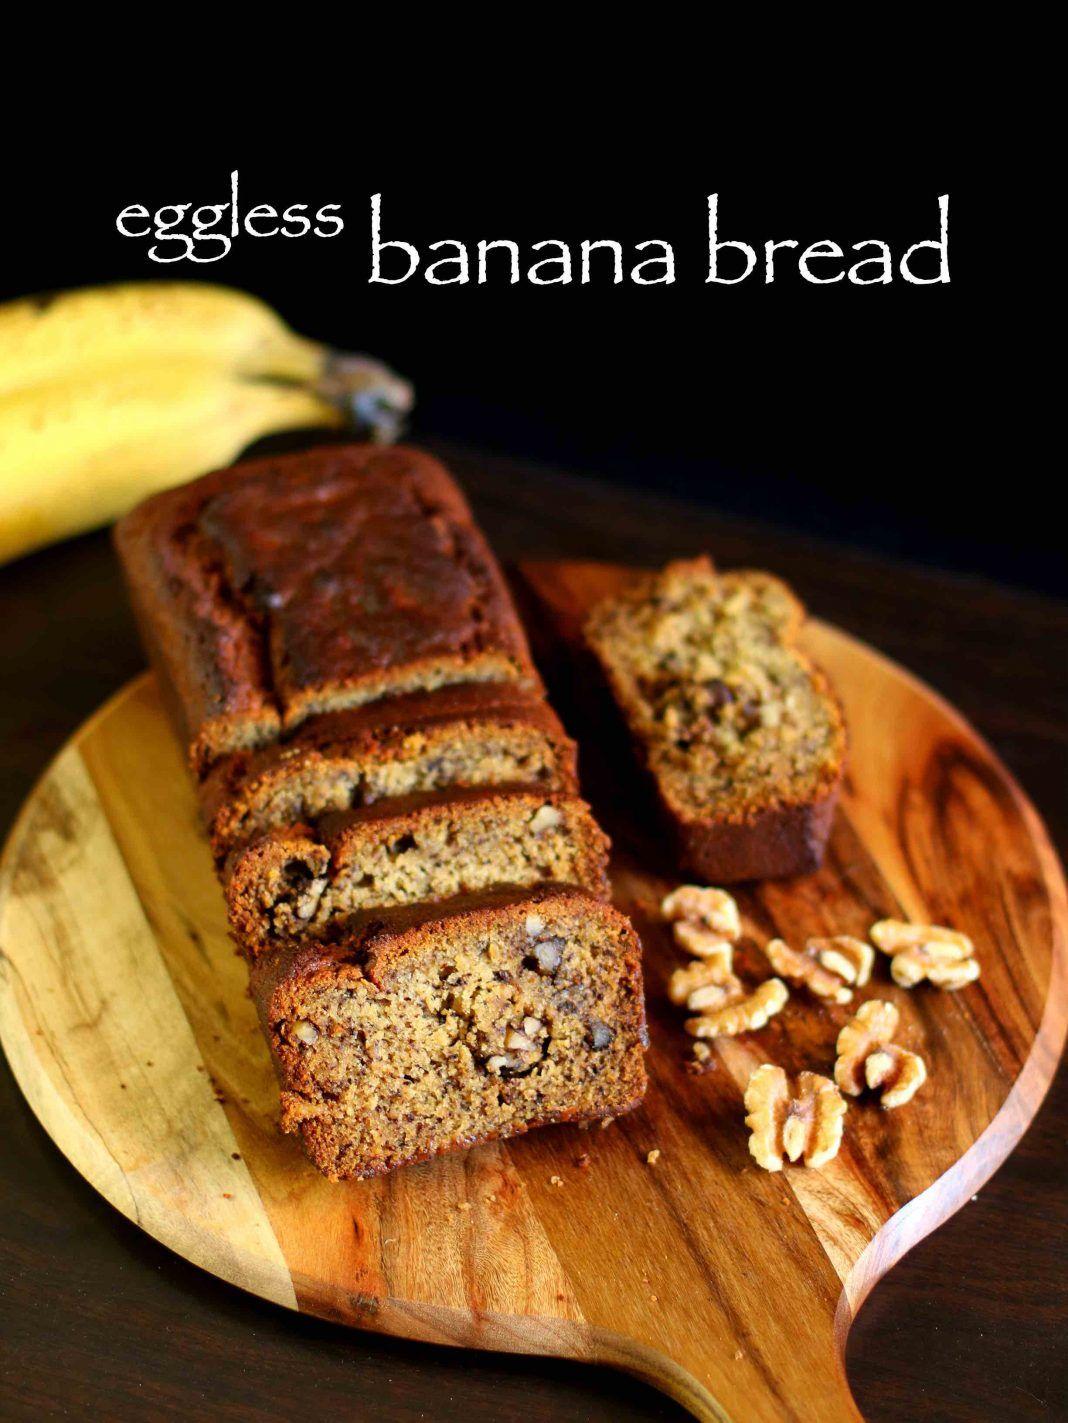 Banana Bread Recipe Eggless Banana Bread Recipe Vegan Banana Bread Recipe Eggless Banana Bread Recipe Vegan Banana Bread Easy Banana Bread Recipe